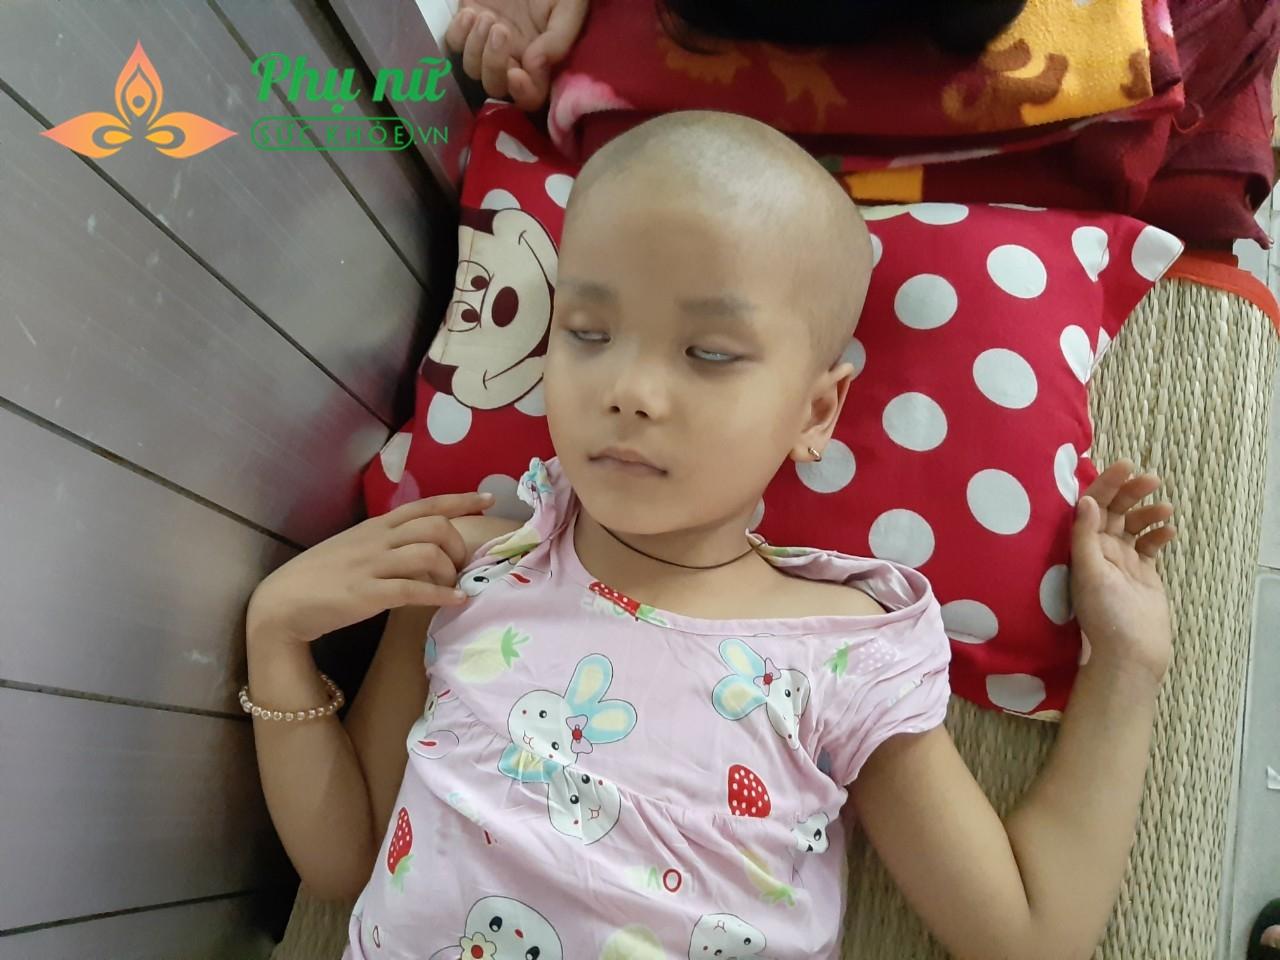 Sau khi vô thuốc hóa trị, bé Vàng mệt mỏi và ngủ không thể khép mi mắt